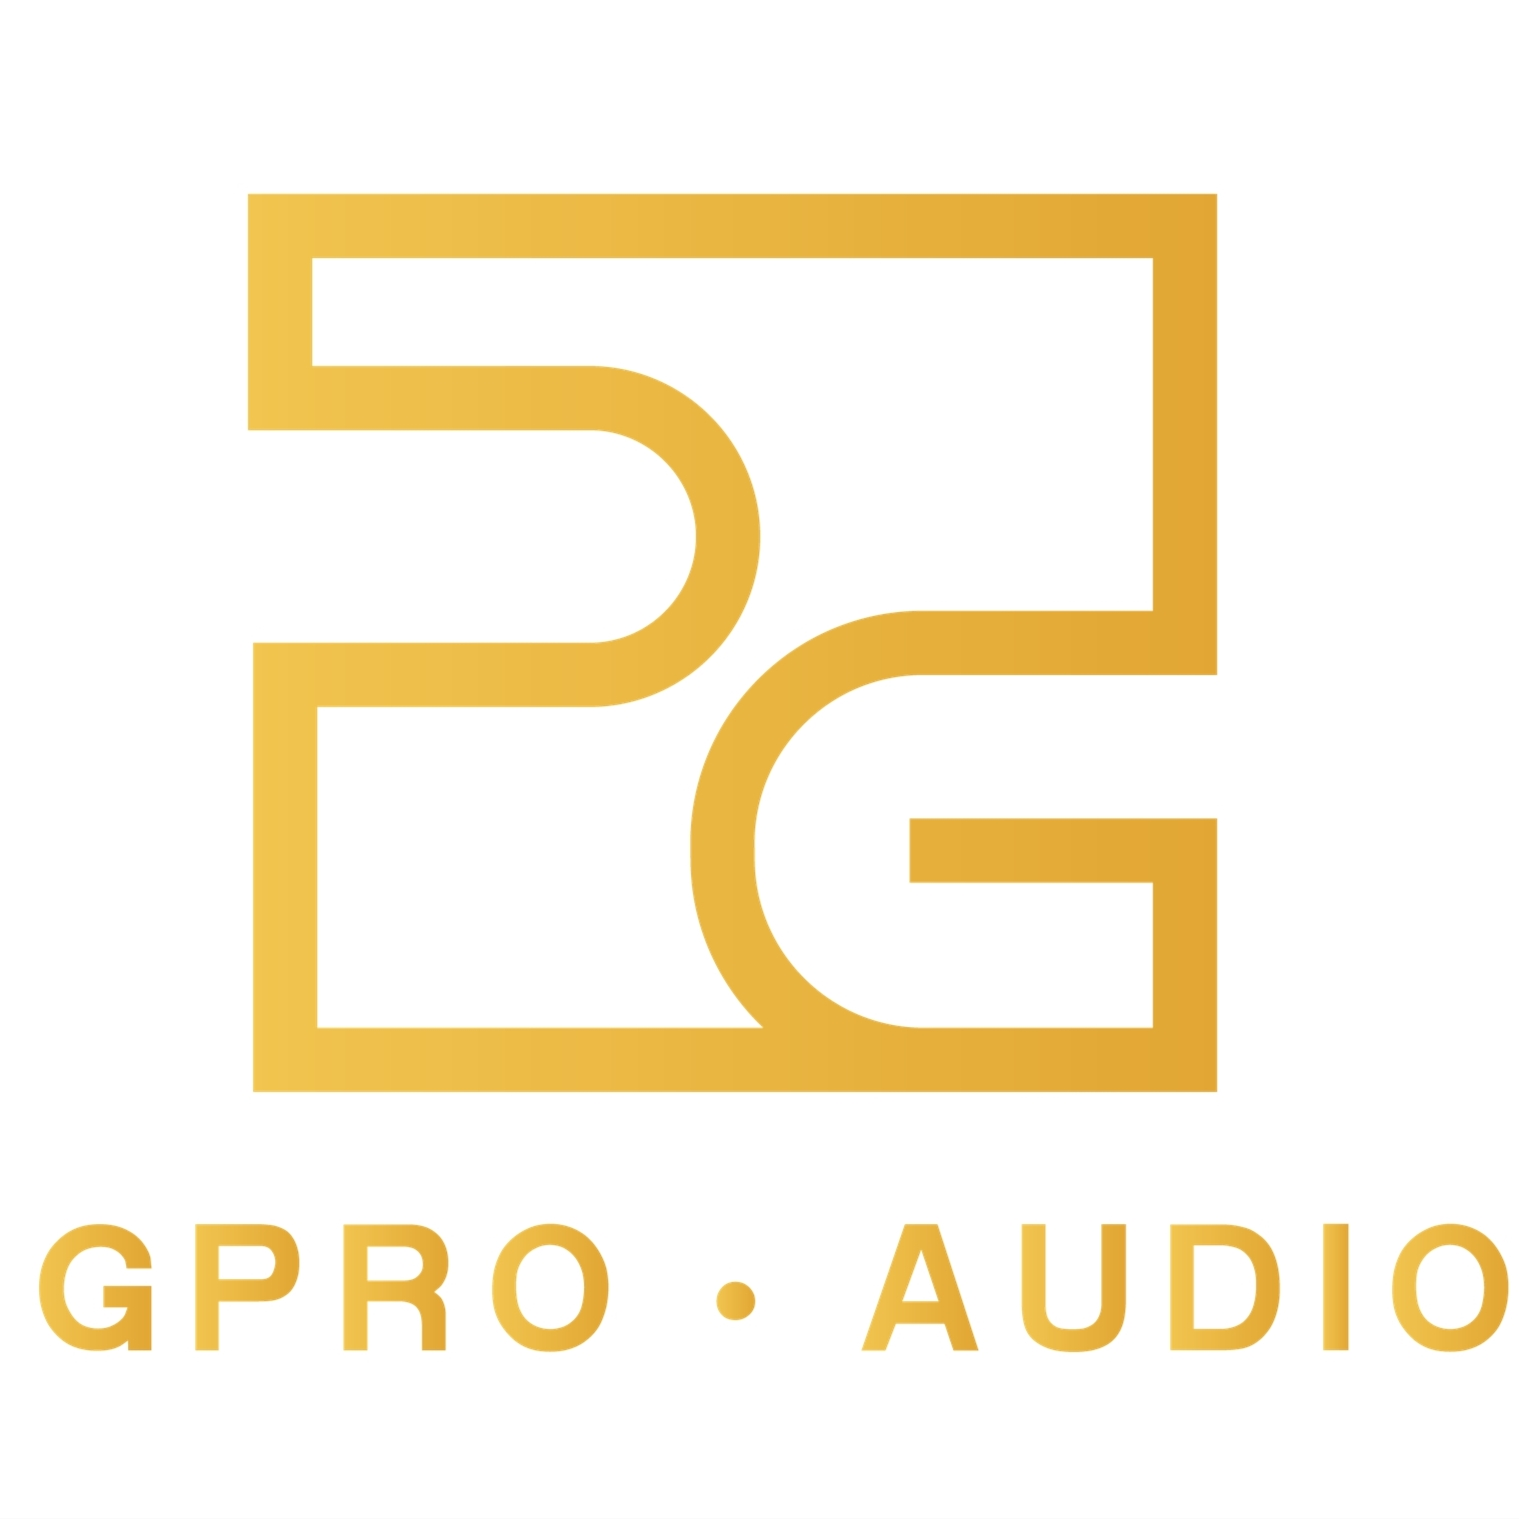 Guangzhou GPRO Audio Equipment Co., Ltd